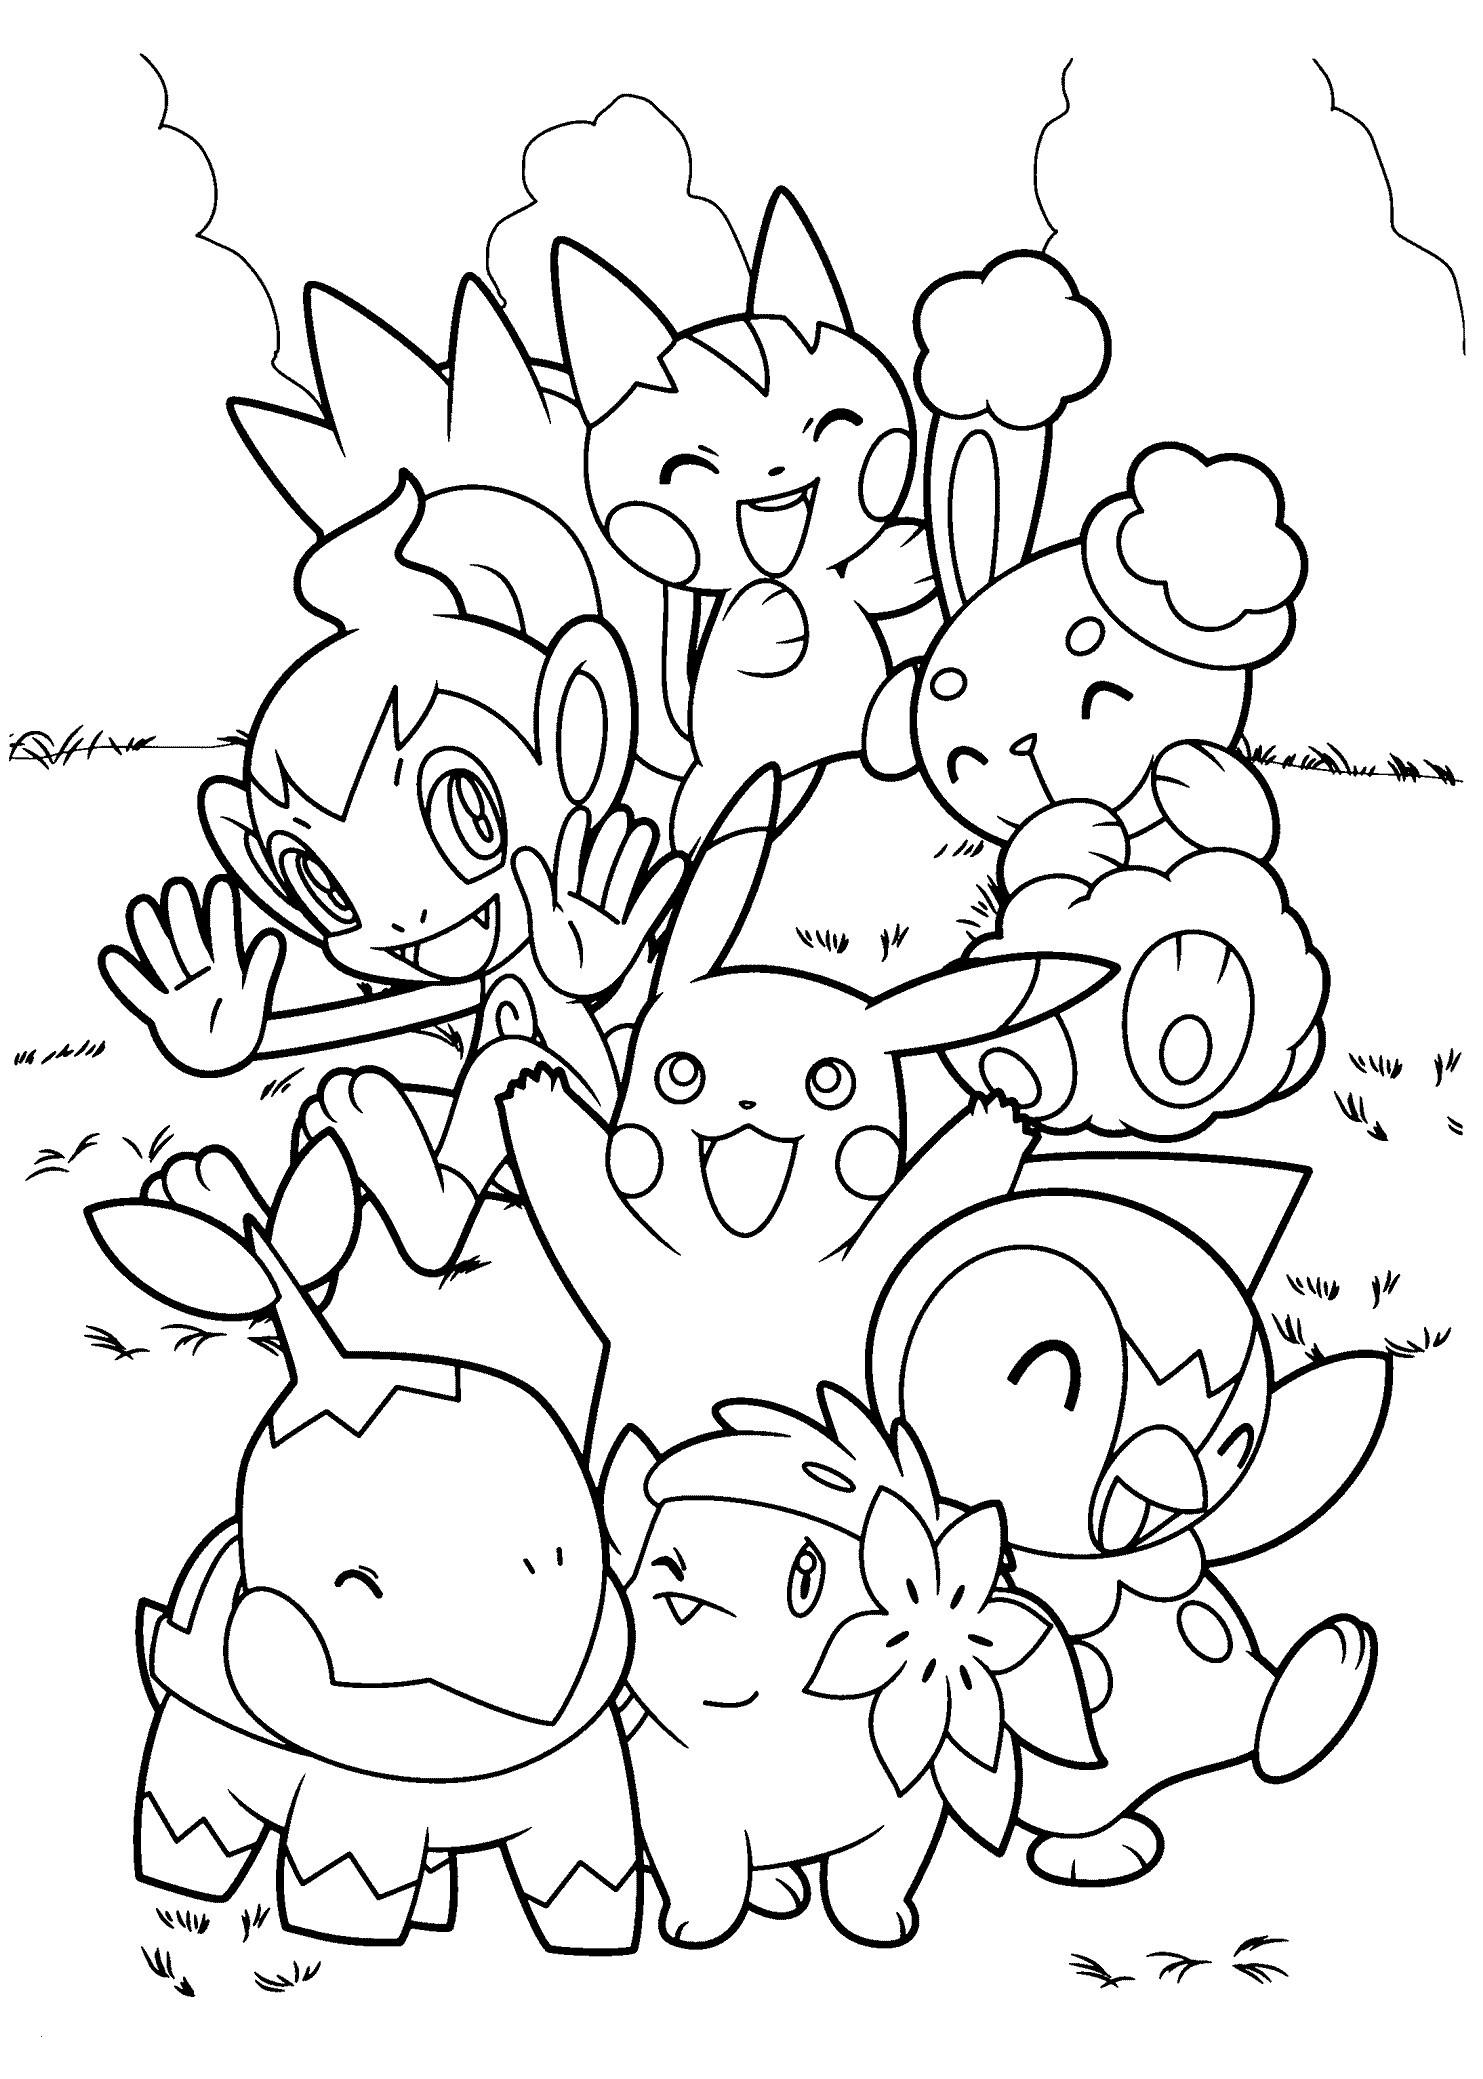 T Rex Zum Ausmalen Frisch top 75 Free Printable Pokemon Coloring Pages Line Elegant Sammlung